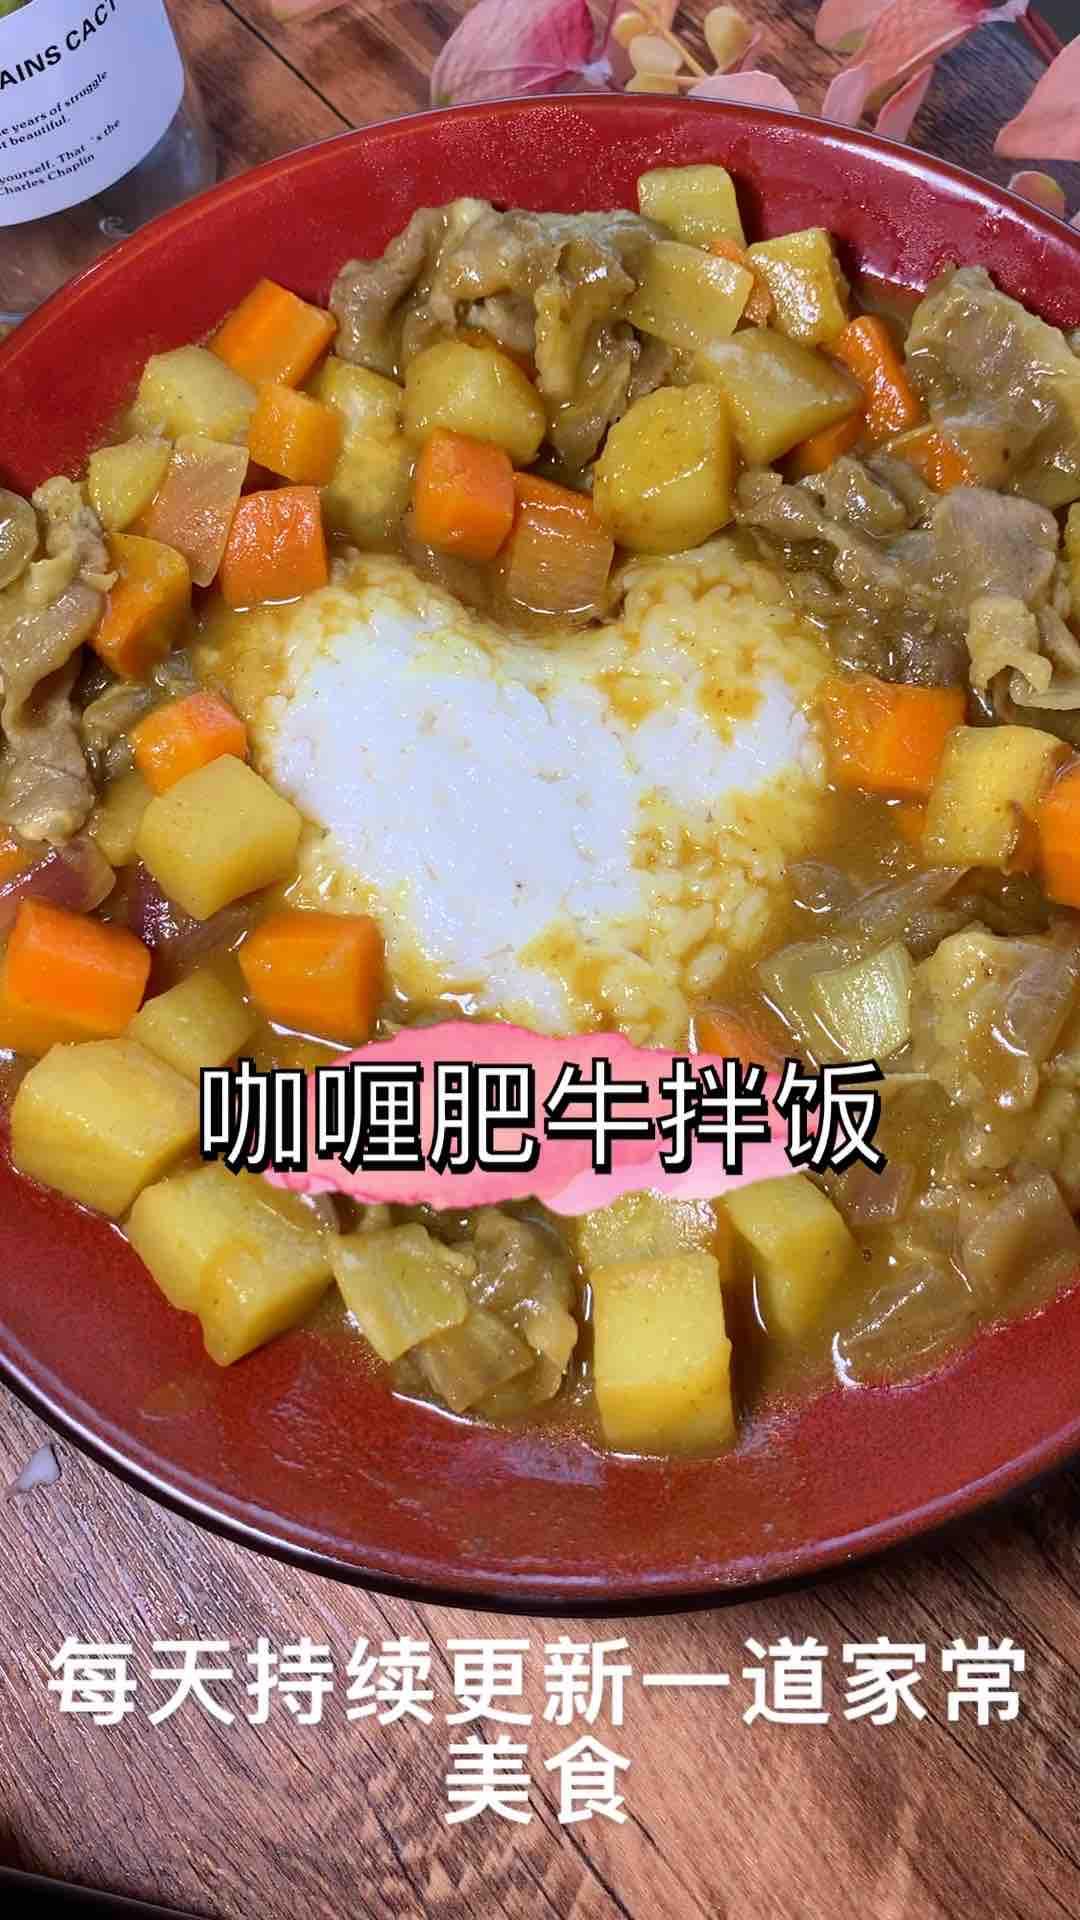 咖喱肥牛拌饭